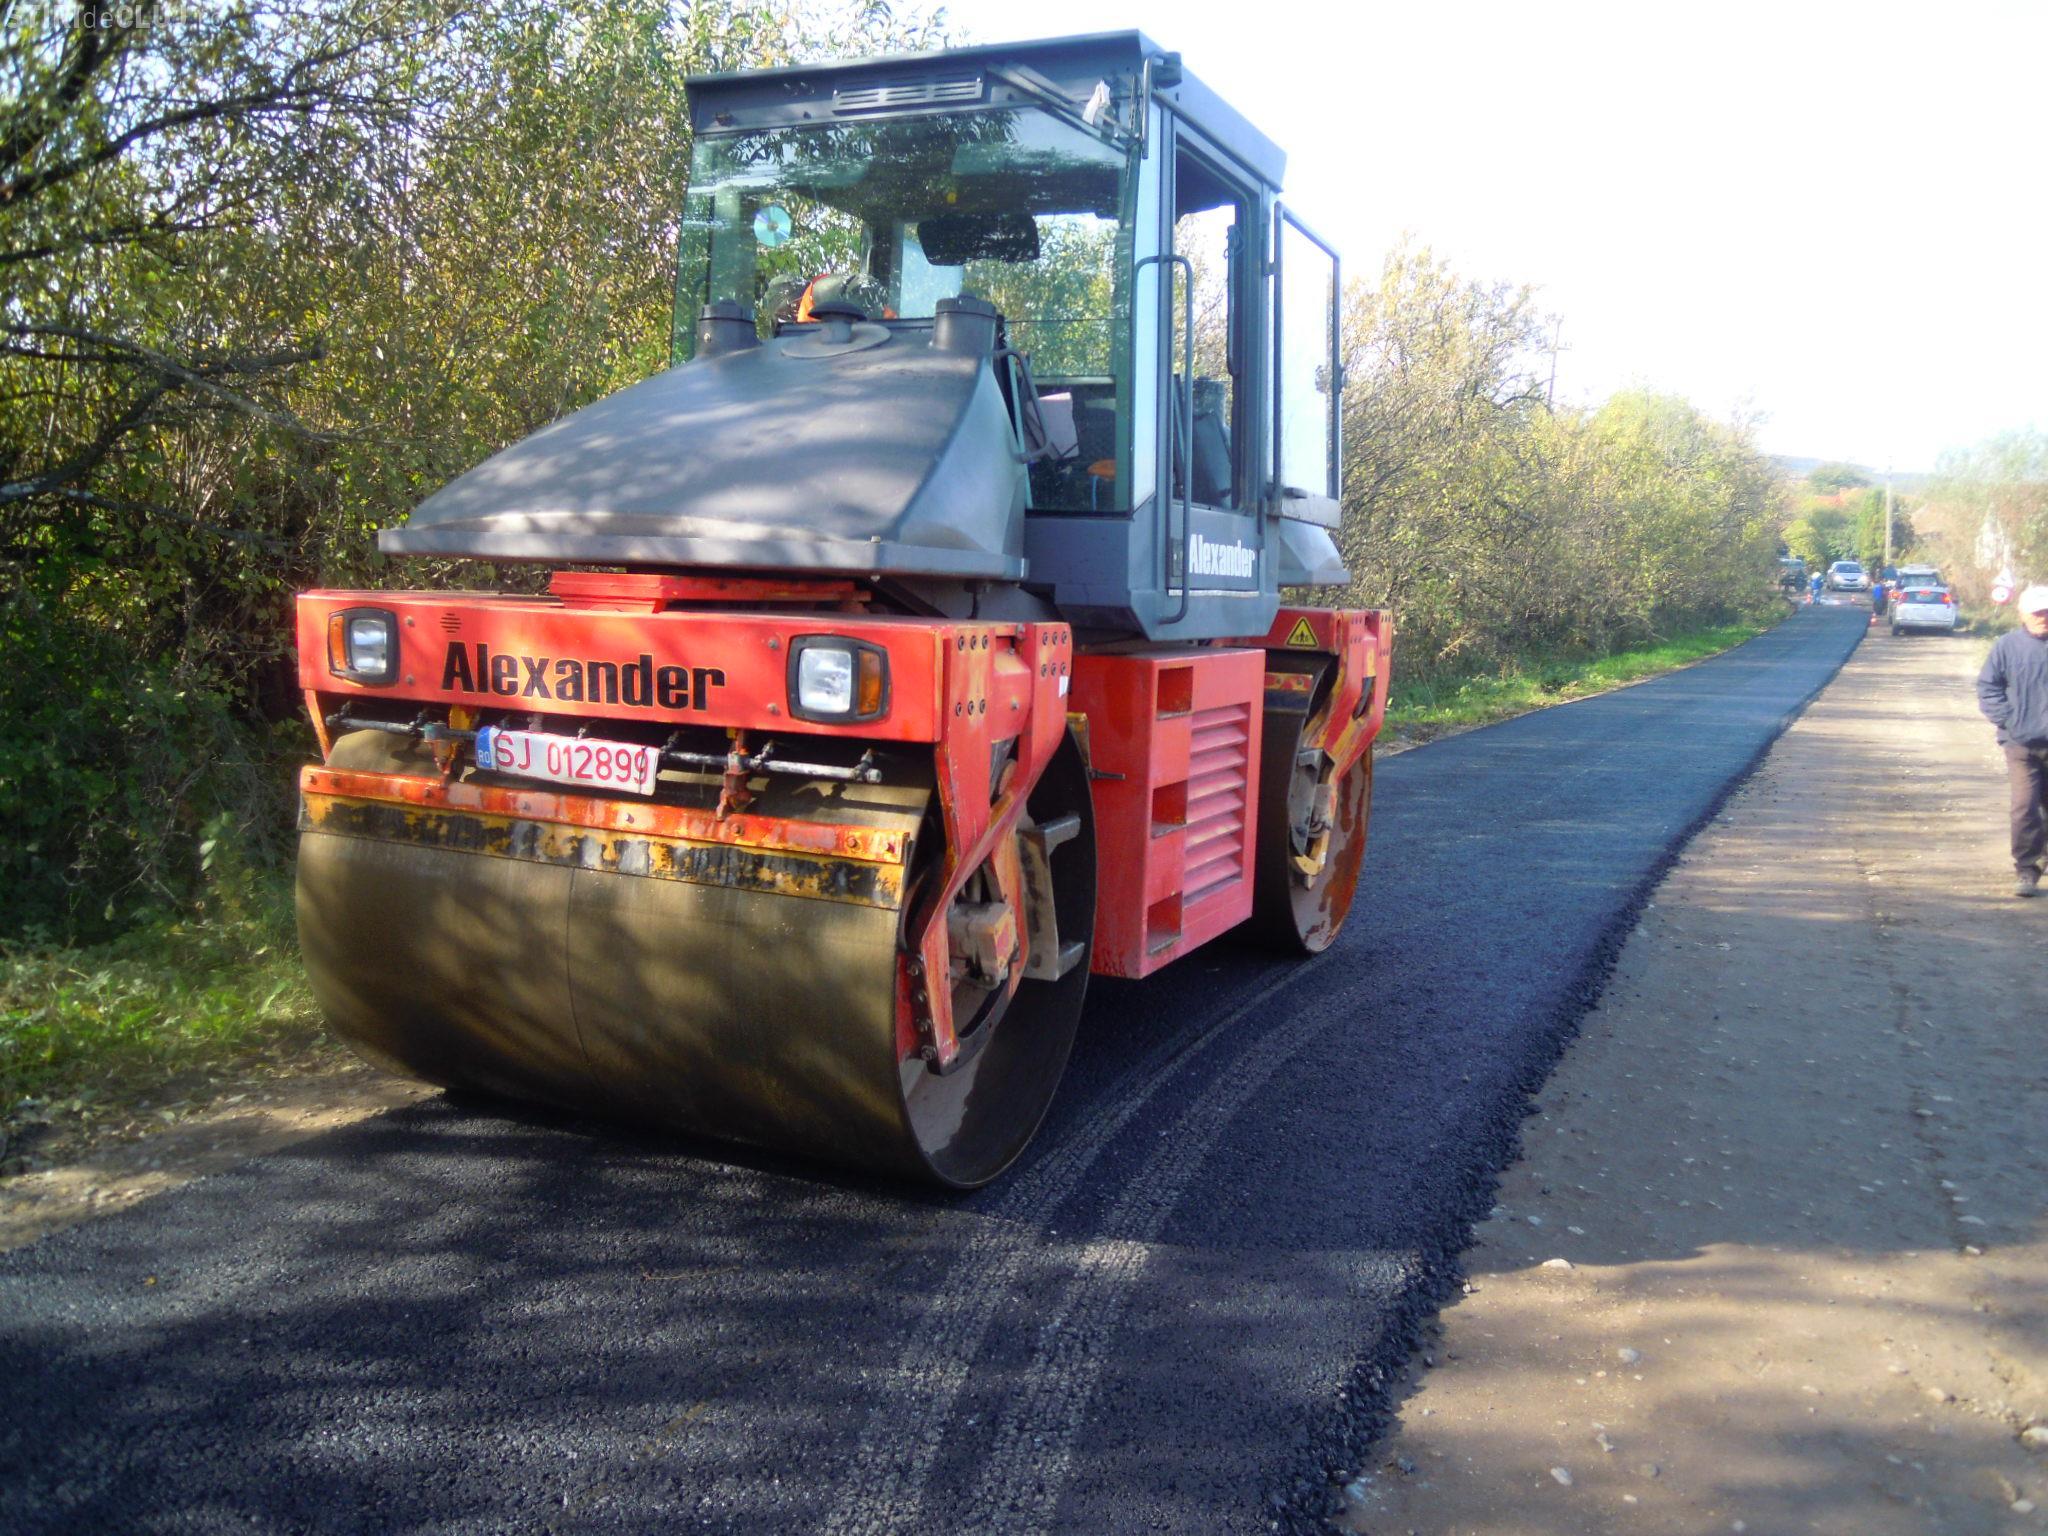 A început asfaltarea drumului judeţean DJ 103G Gheorgheni - Aiton - FOTO